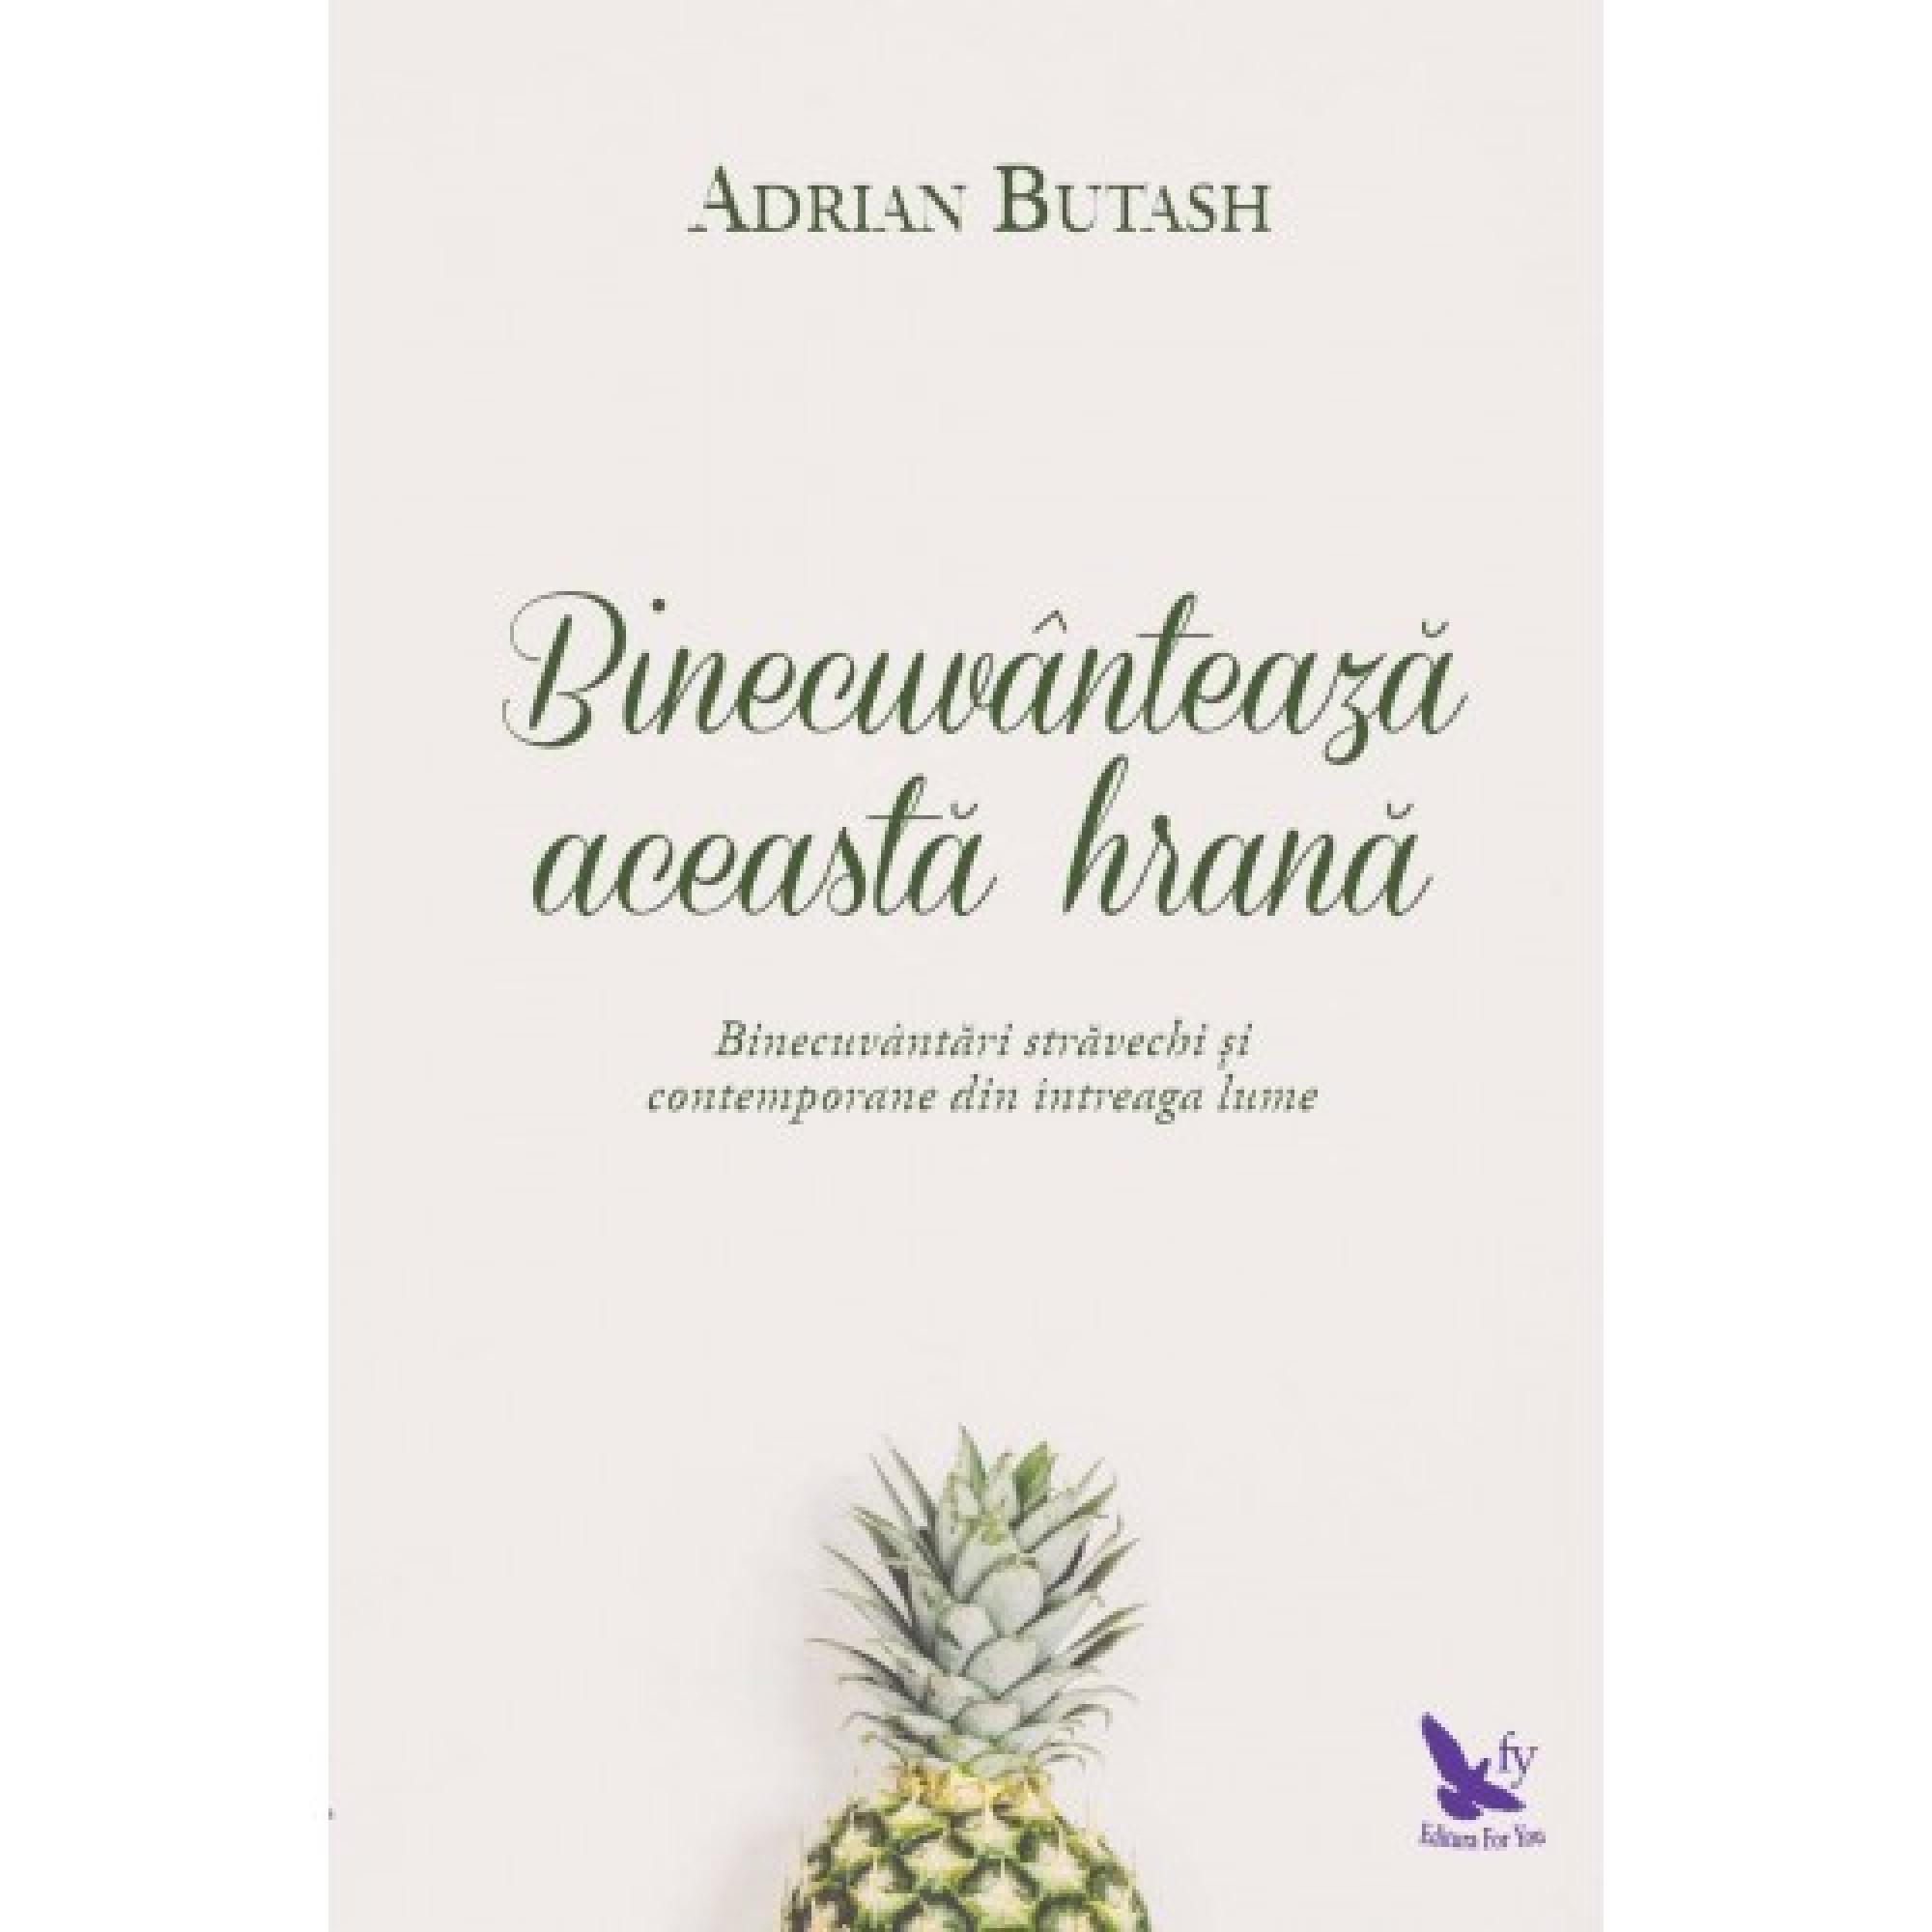 Binecuvântează această hrană; Adrian Butash